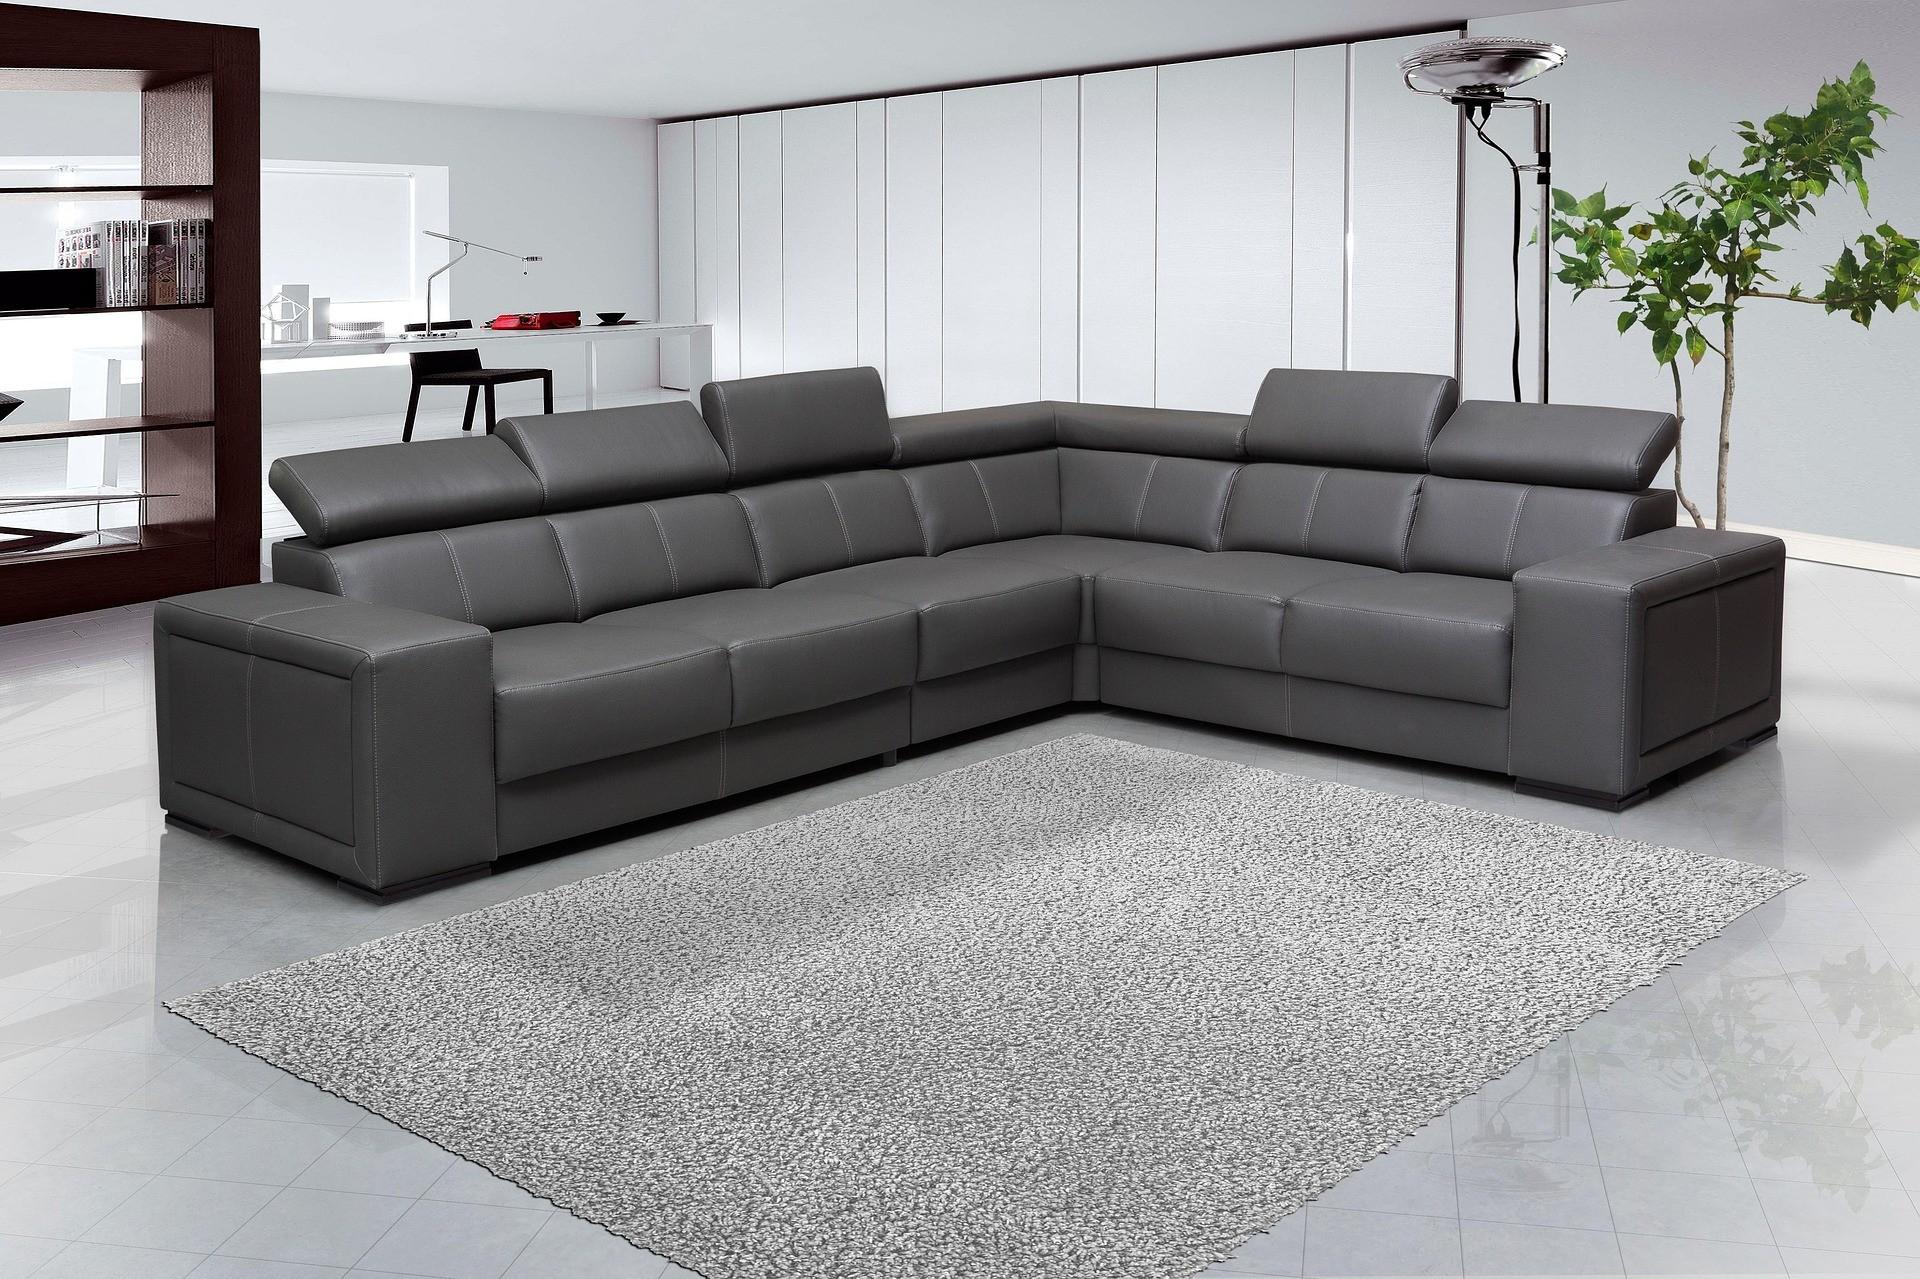 sofa 1693689 1920